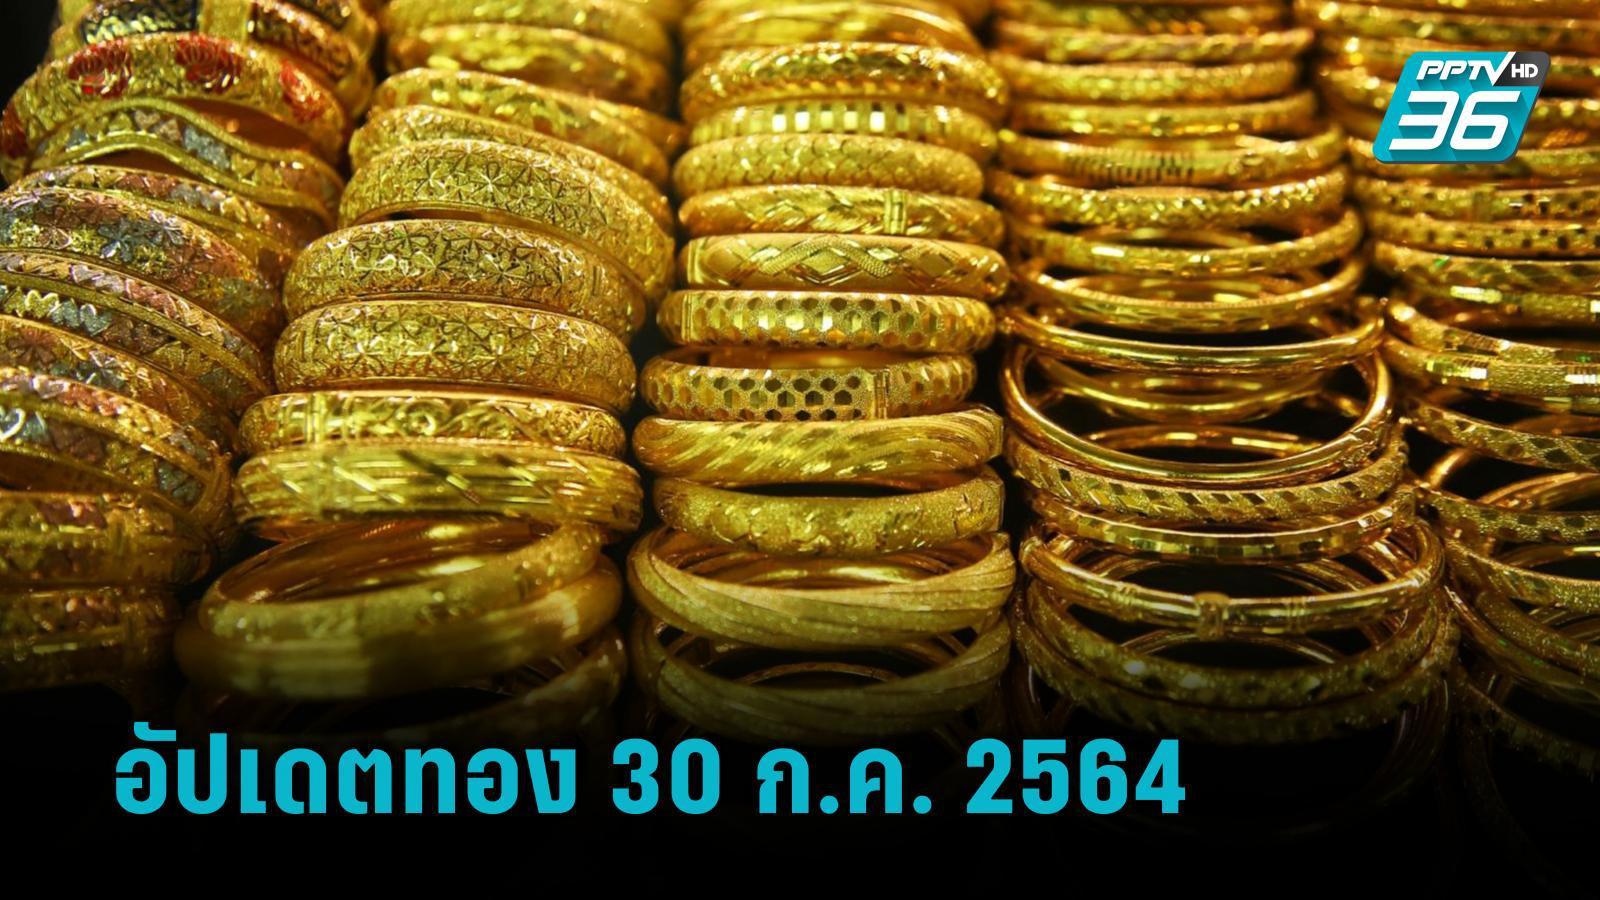 ราคาทองวันนี้ – 30 ก.ค. 64 เปิดตลาดบวก 100 บาท รูปพรรณบาทละ 28,900 บาท